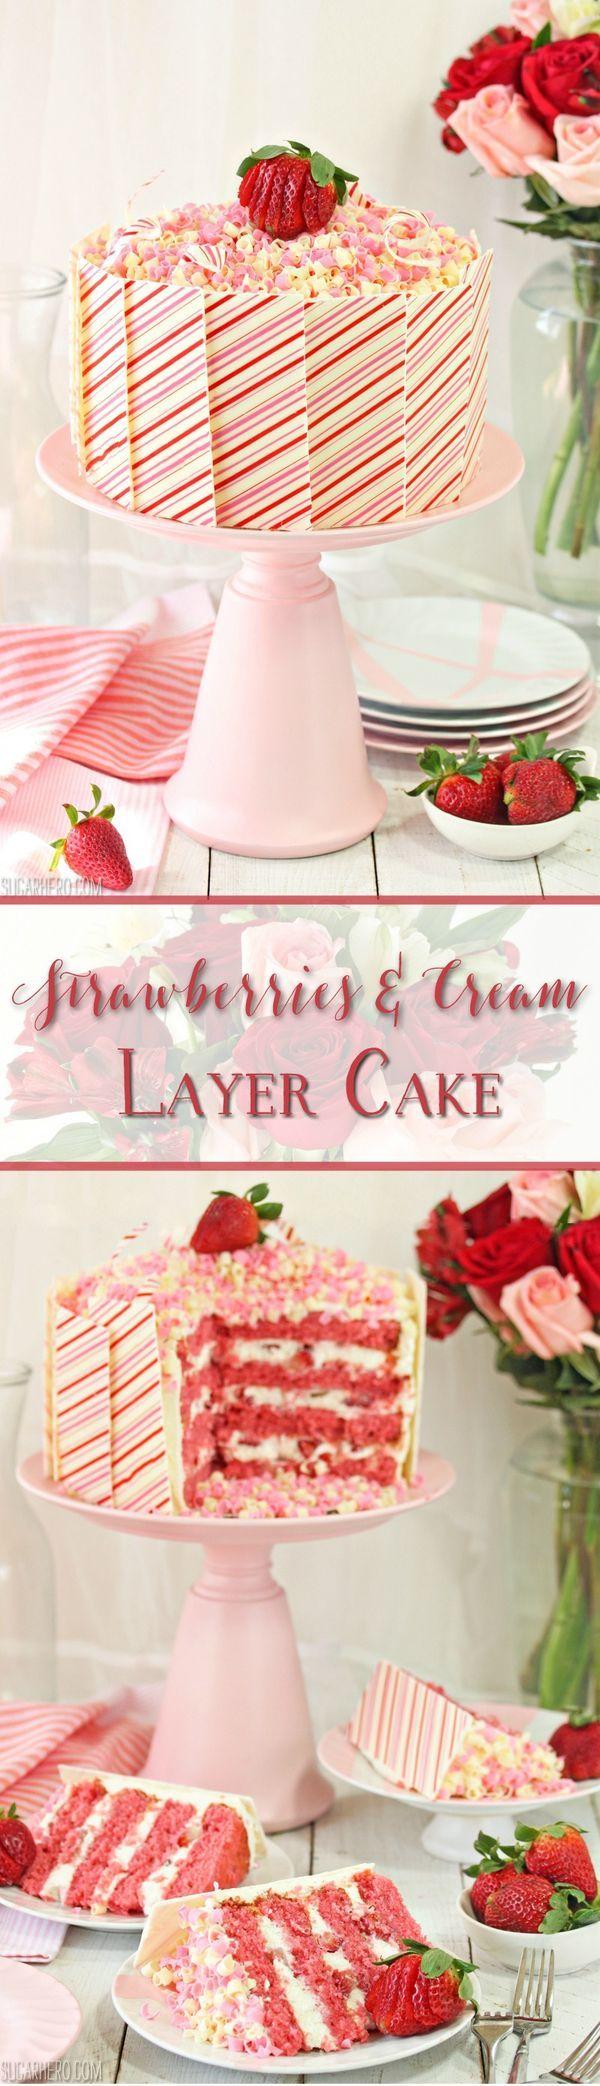 Strawberries and Cream Layer Cake Recipe - moist strawberry cake, vanilla bean whipped cream, and lots of fresh strawberries! | From SugarHero.com